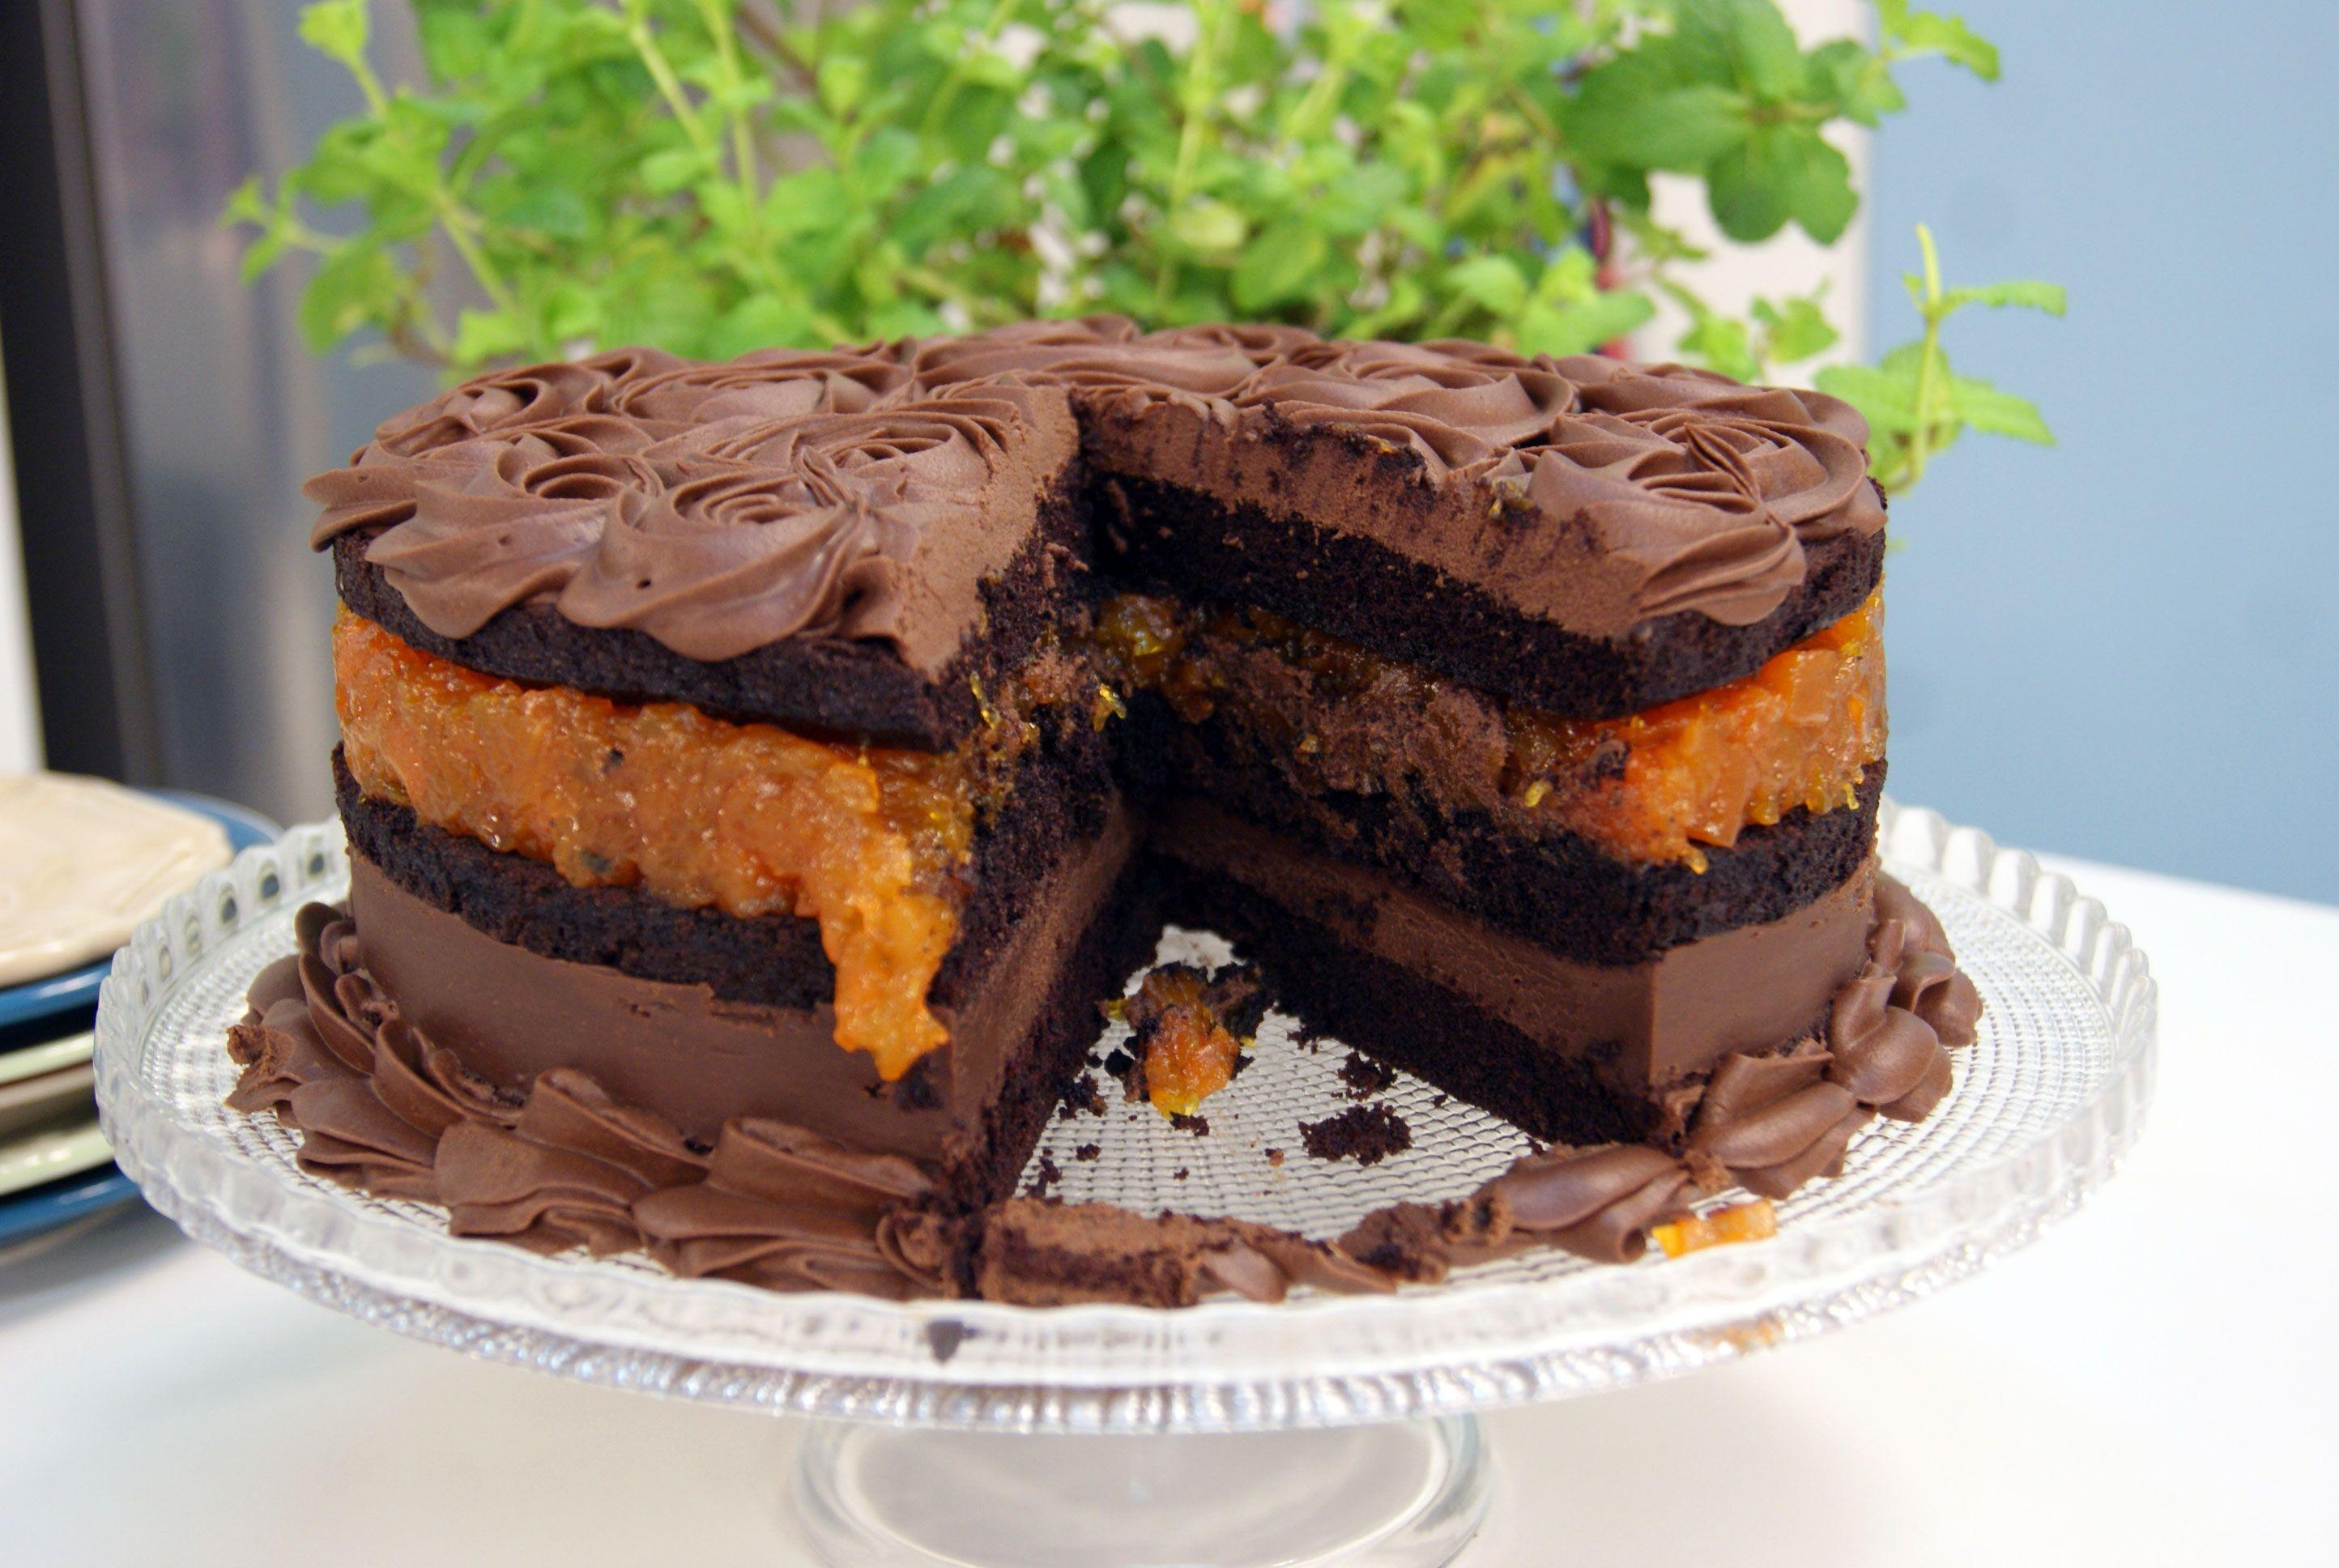 Naked Cake de Chocolate e Especiarias com Doce de Abóbora